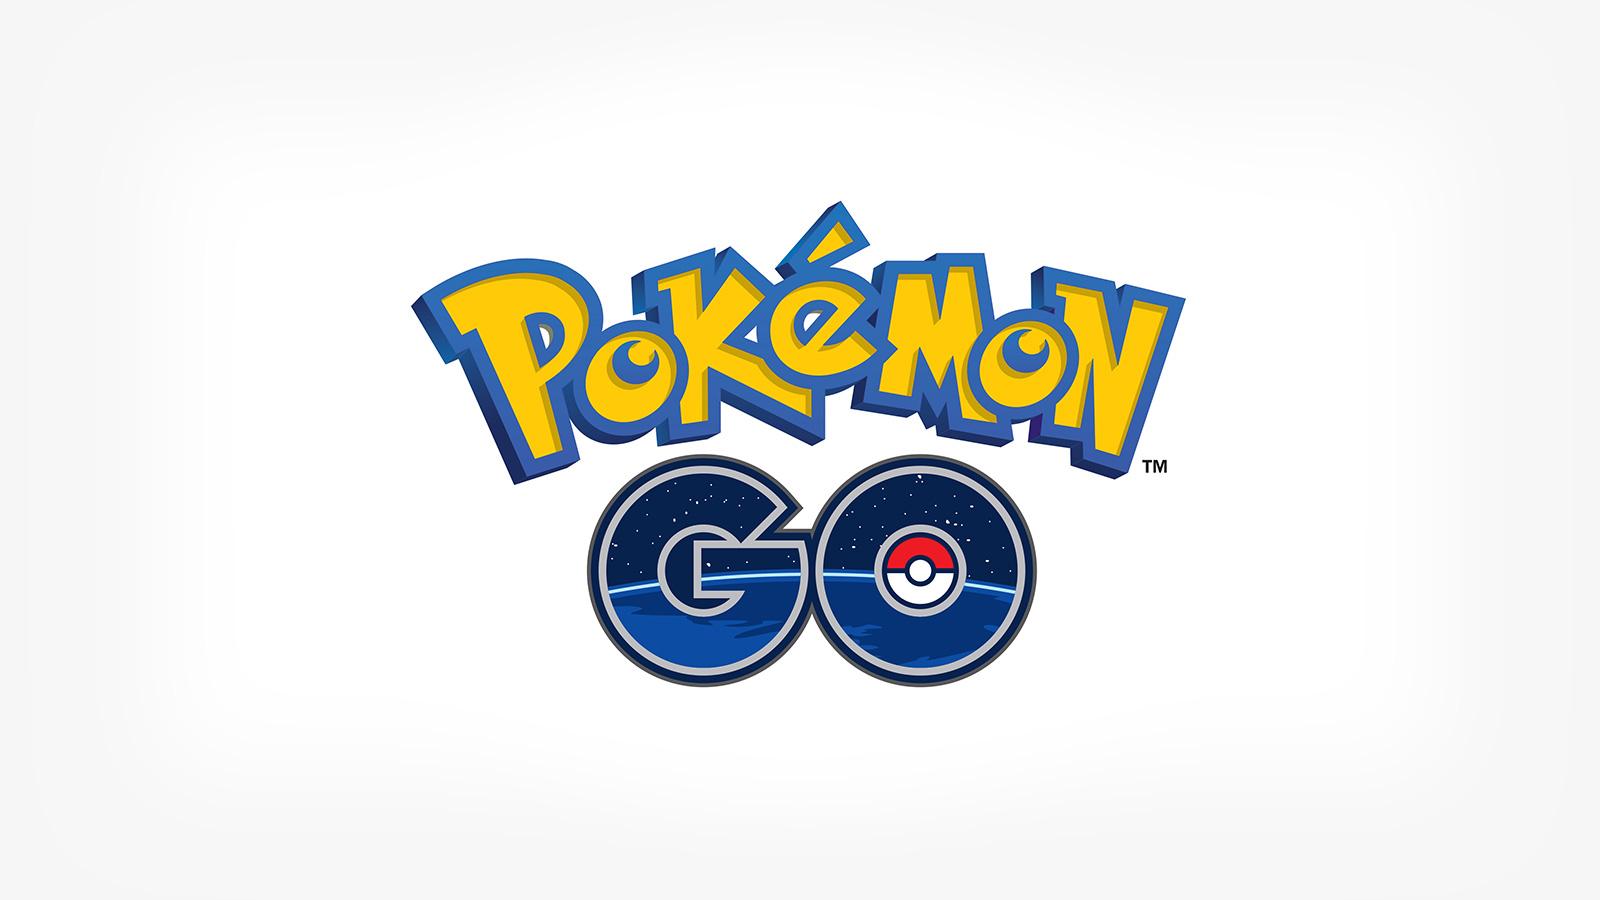 SHIBUYA『Pokémon GO』ARフォトコンテスト作品募集スタート!